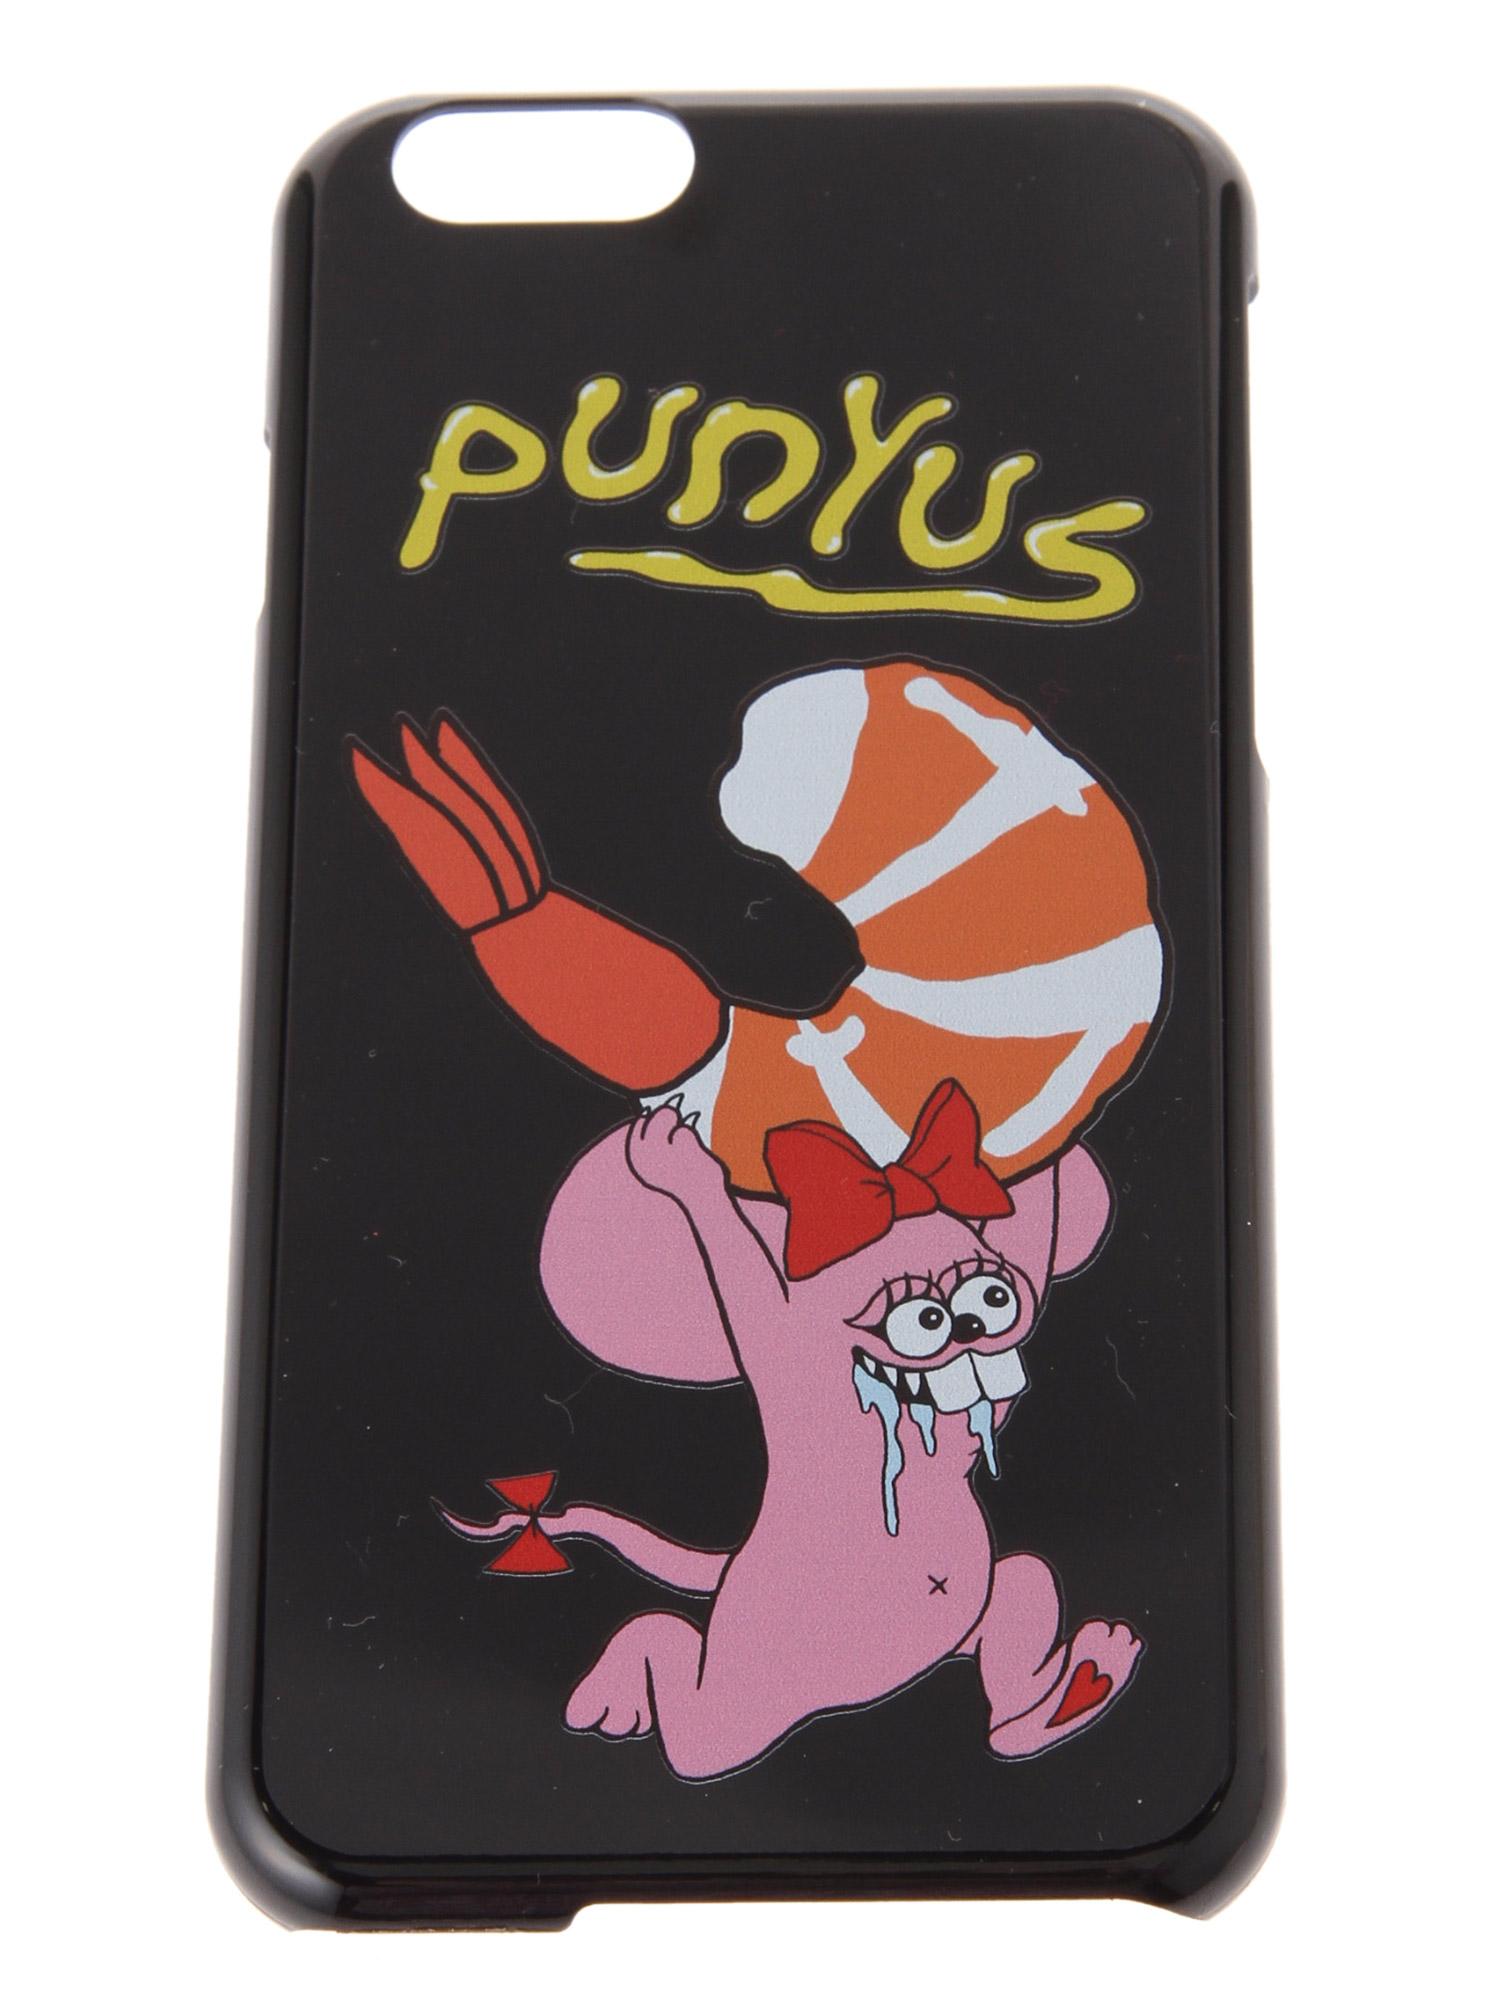 PUNYUS/いただきマウスiPhone6ケース